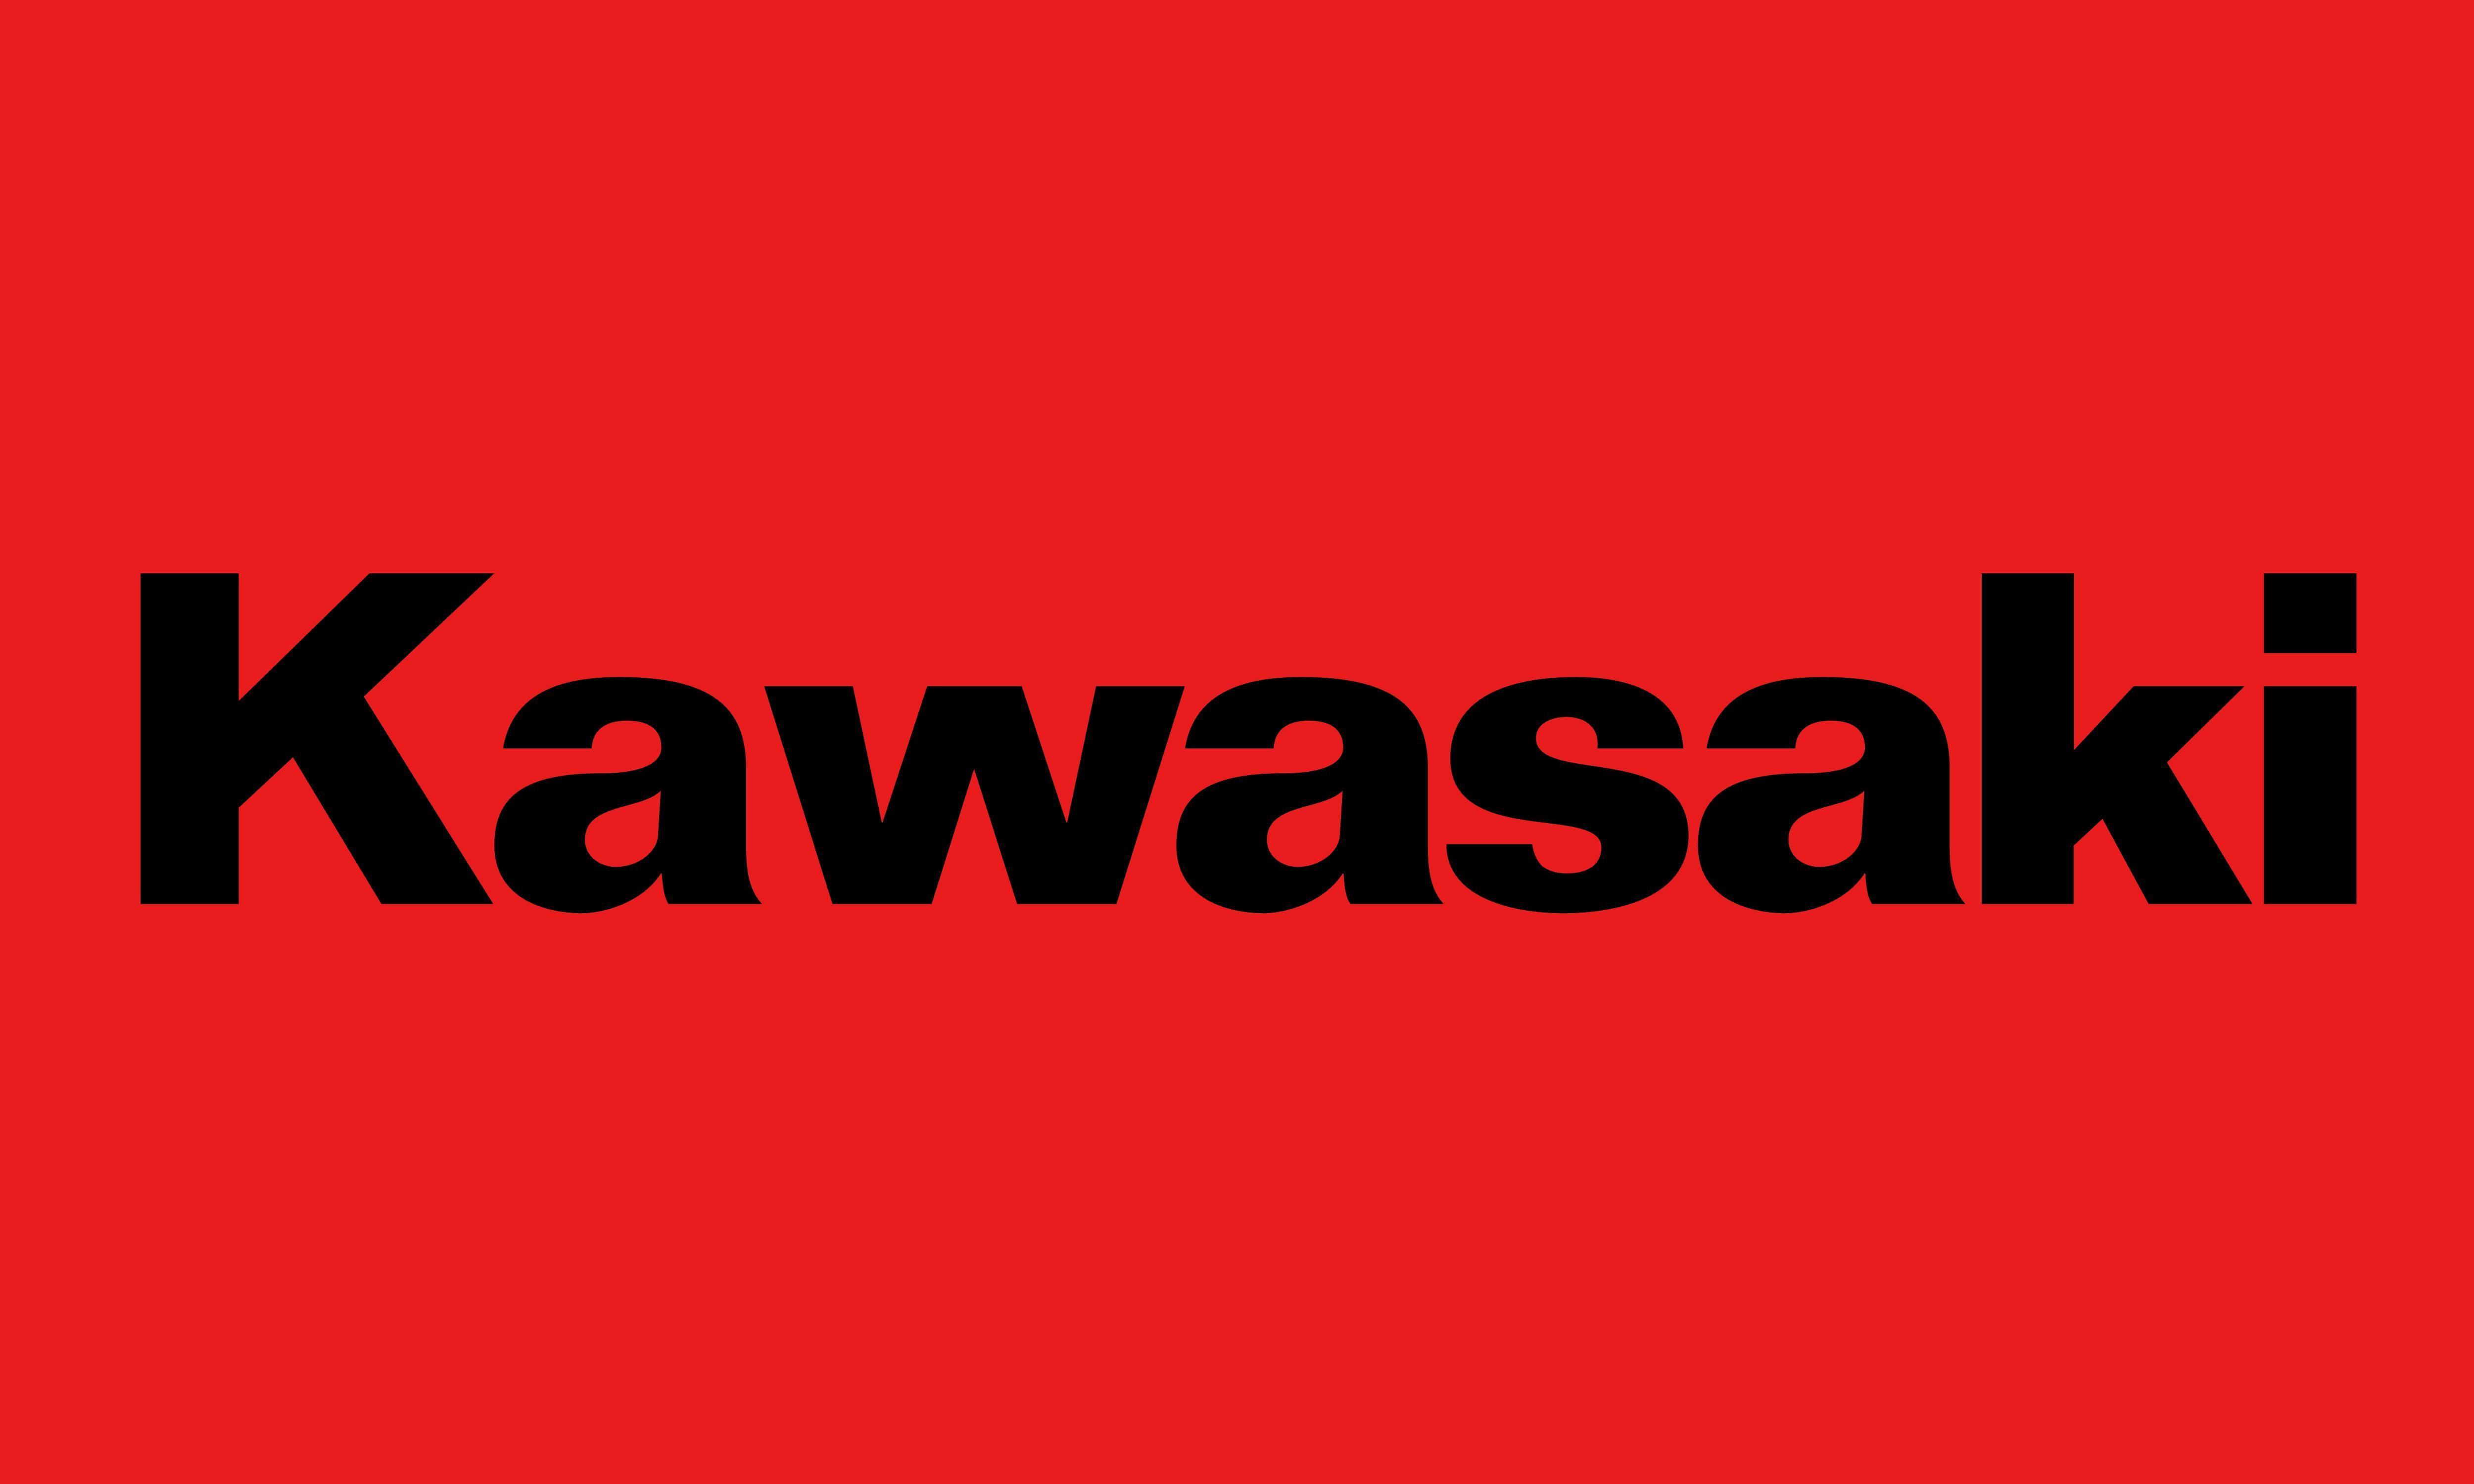 Kawasaki Logo Description Motorcycle Logo Kawasaki Kawasaki Motorcycles